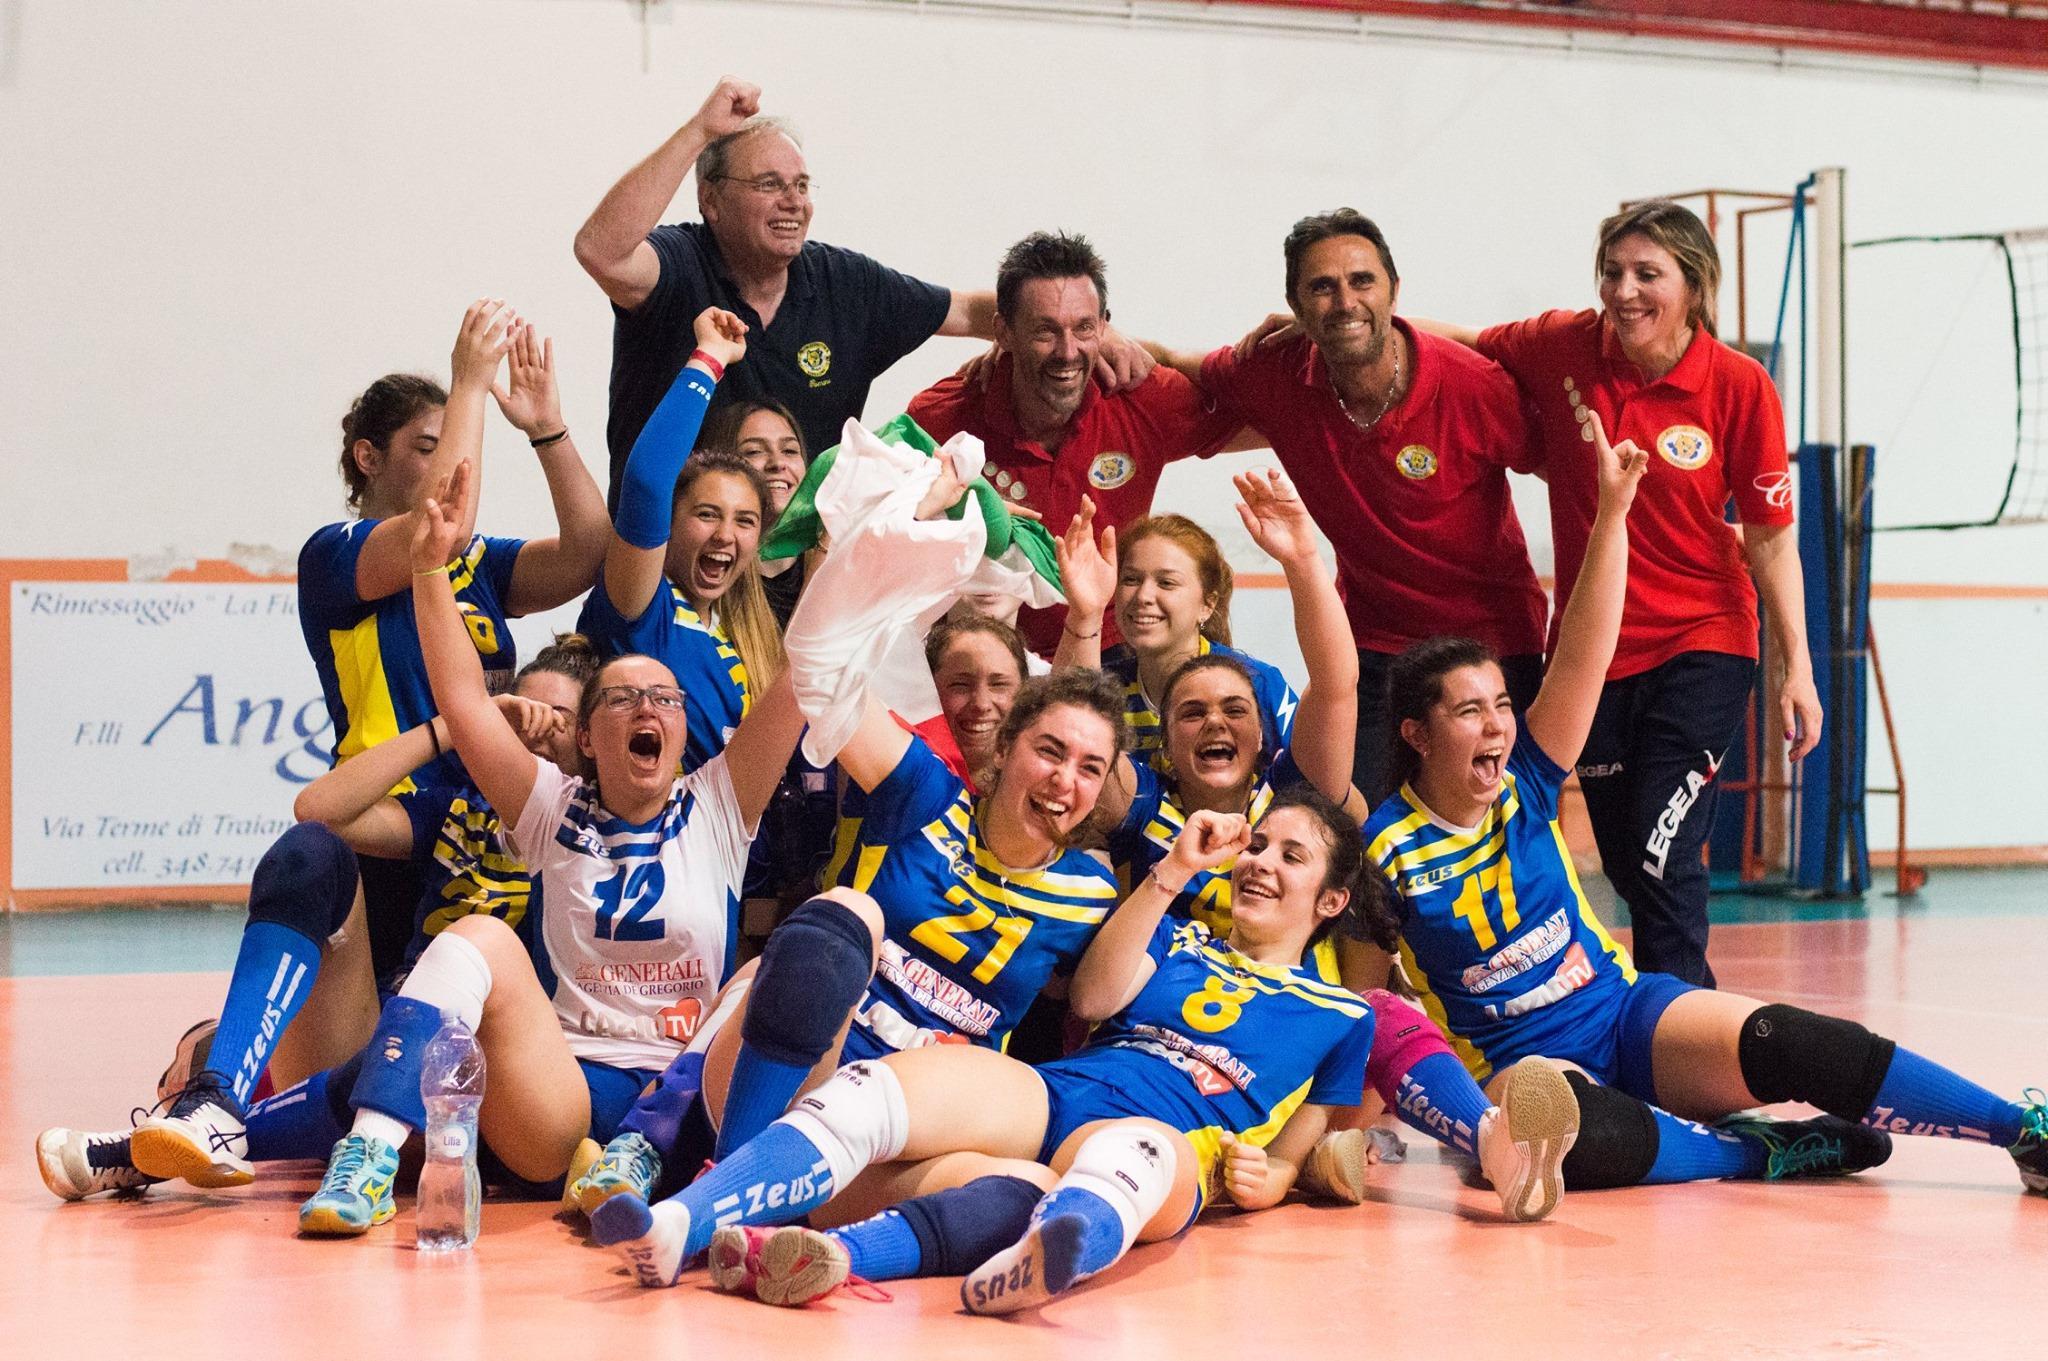 under-18-fasi-nazionali-futura-terracina-a-testa-alta-nonostante-la-sconfitta-finale